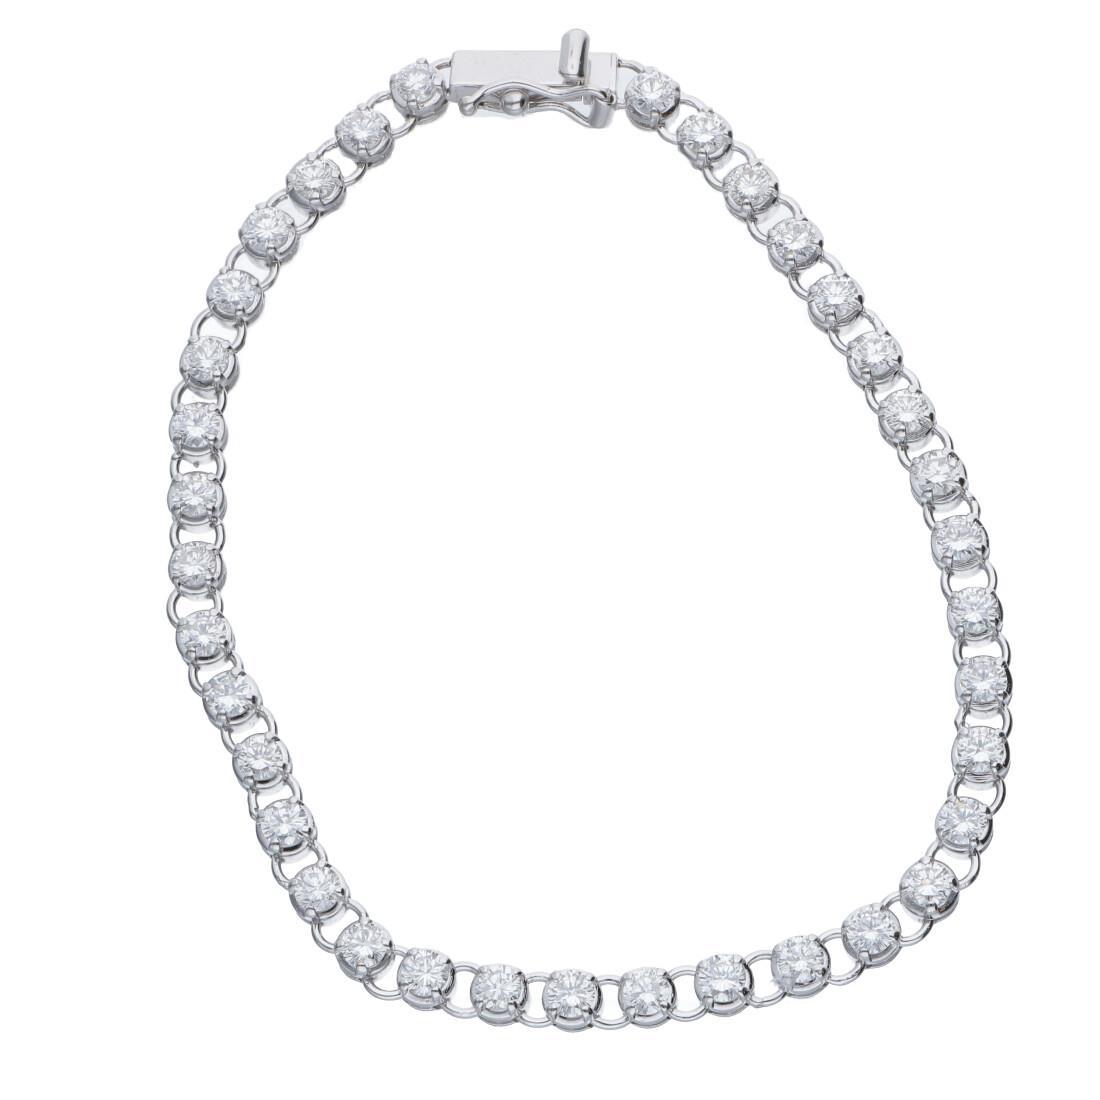 Bracciale tennis in oro bianco con diamanti 3.53 ct - ALFIERI & ST. JOHN